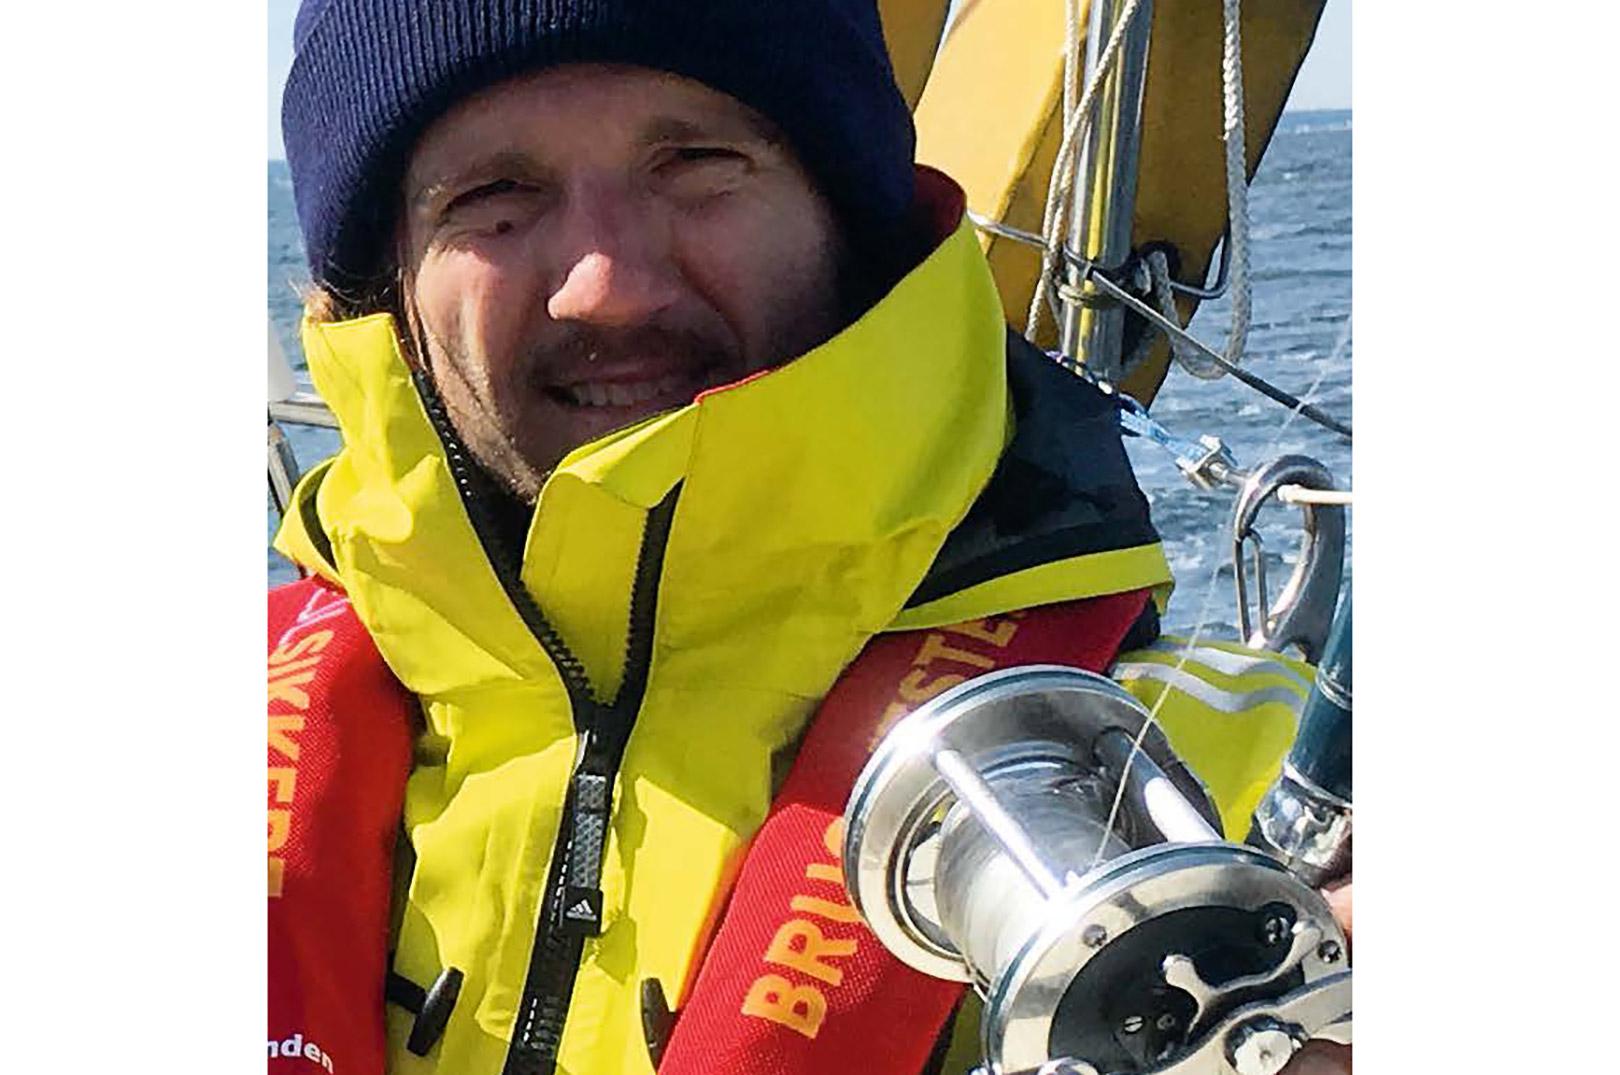 Sune Abelgren Nielsen fisker selv. Her ser du ham med flydedragt og CO2 vest, der giver en god bevægelsesfrihed under det praktiske fiskeri.